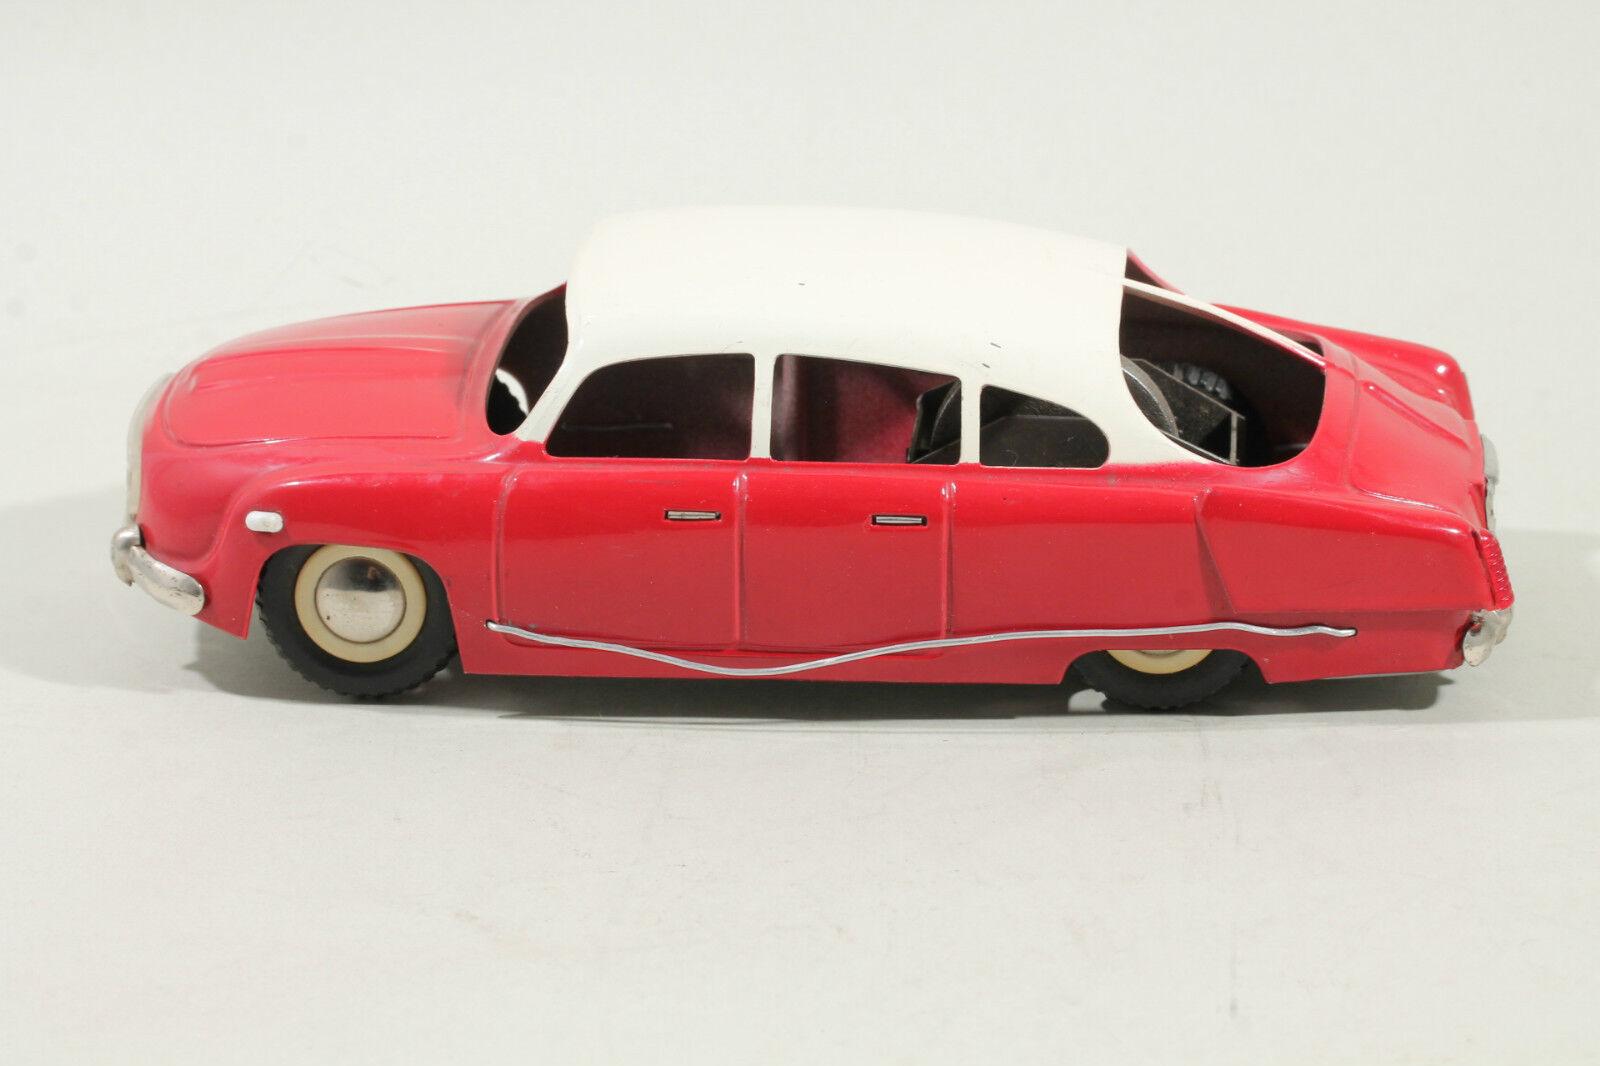 603 TATRA-Original ITES-Maquette de voiture limousine antique Wind up toy car 1950